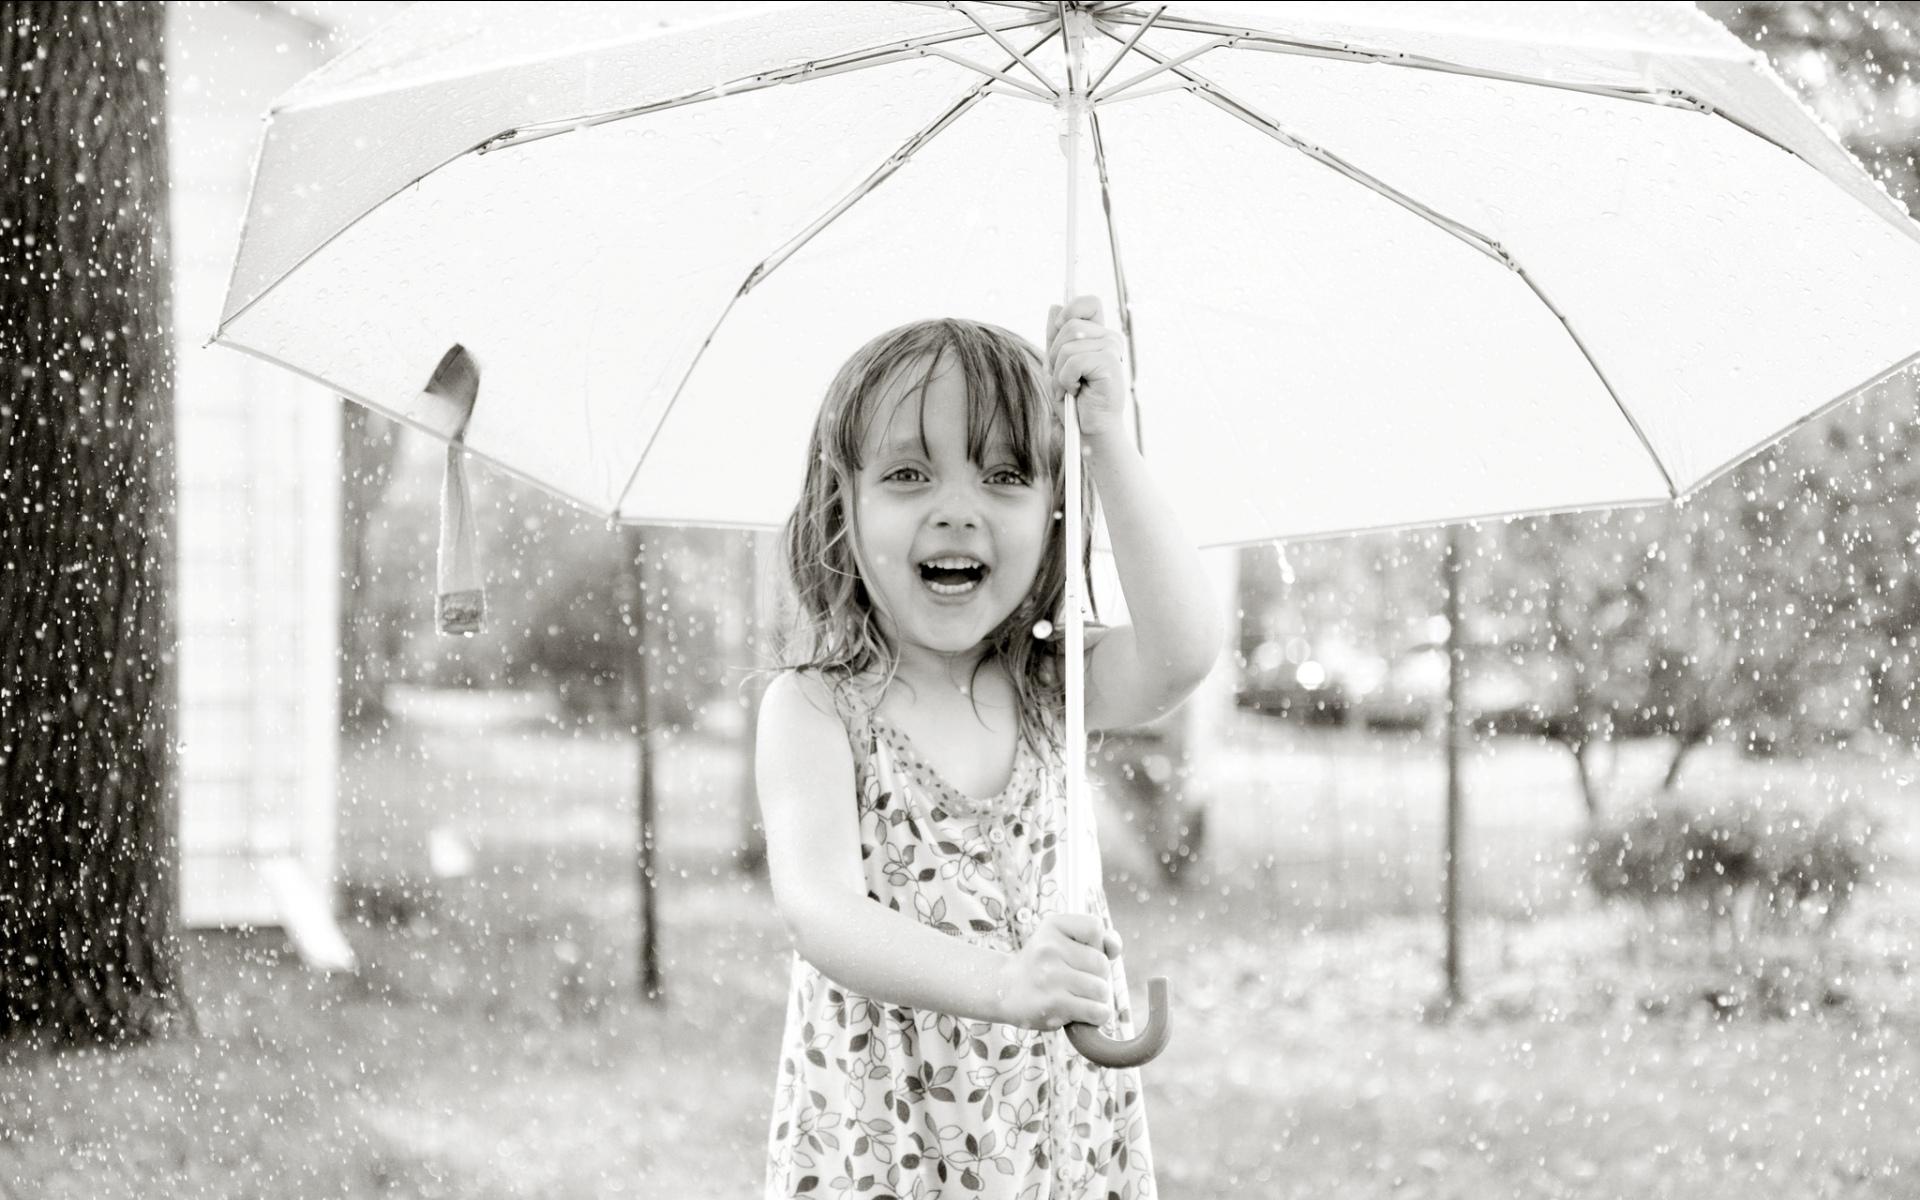 Rain baby with white umbrella 1920 x 1200 download close